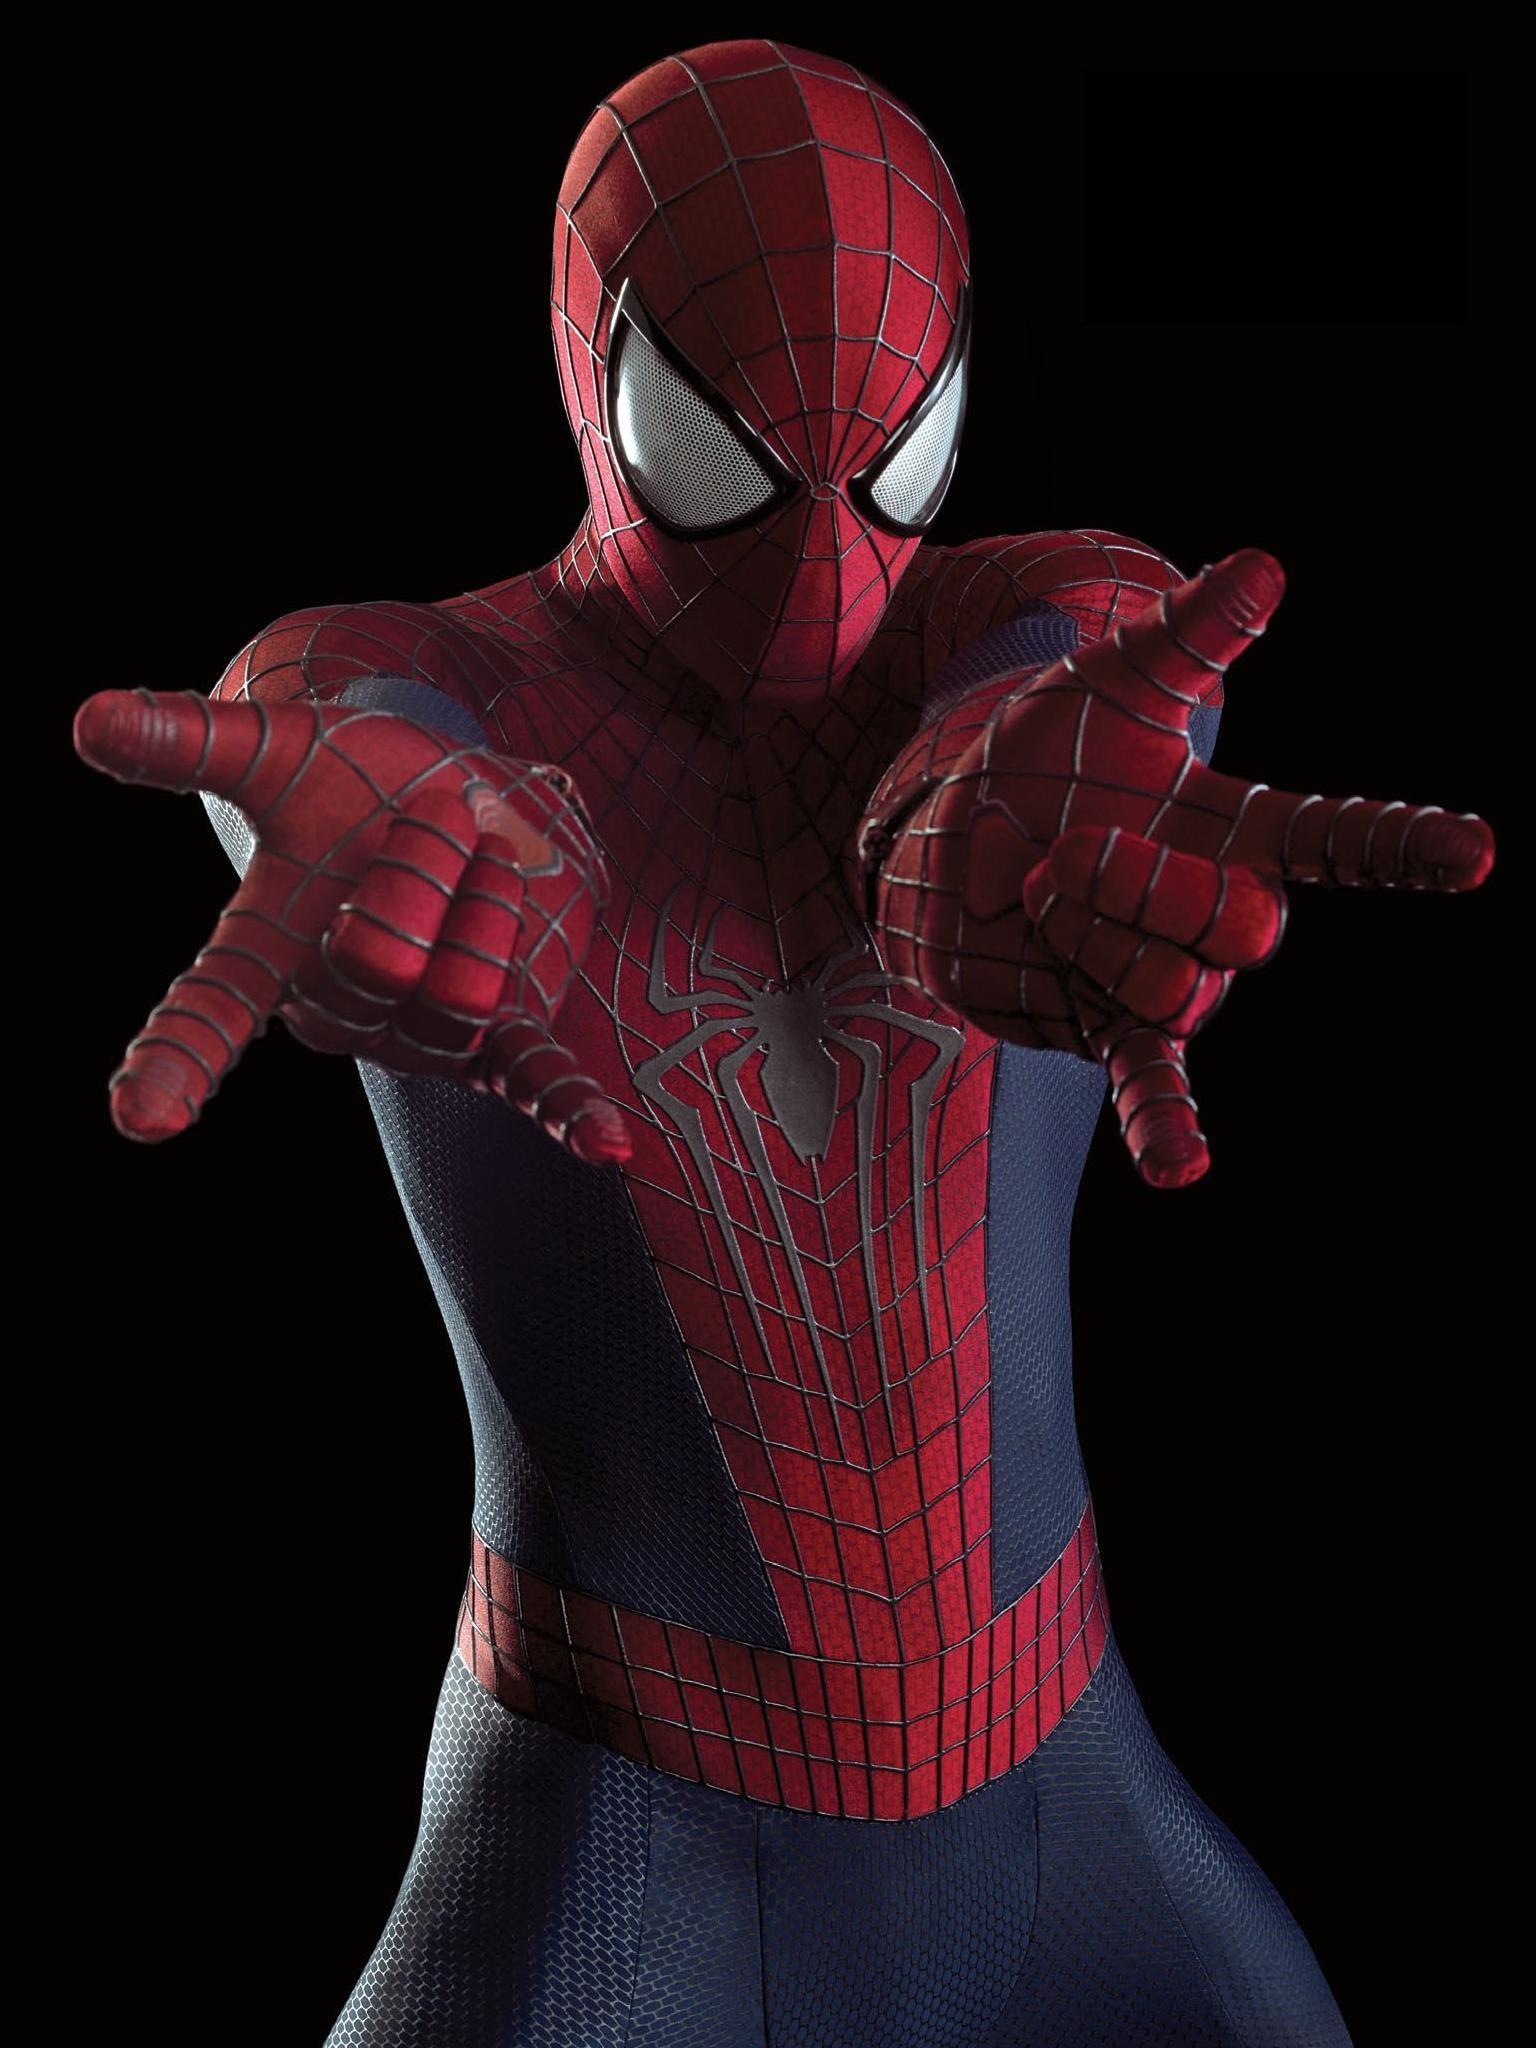 Peter parker earth 120703 marvel movies fandom - New spiderman movie wallpaper ...